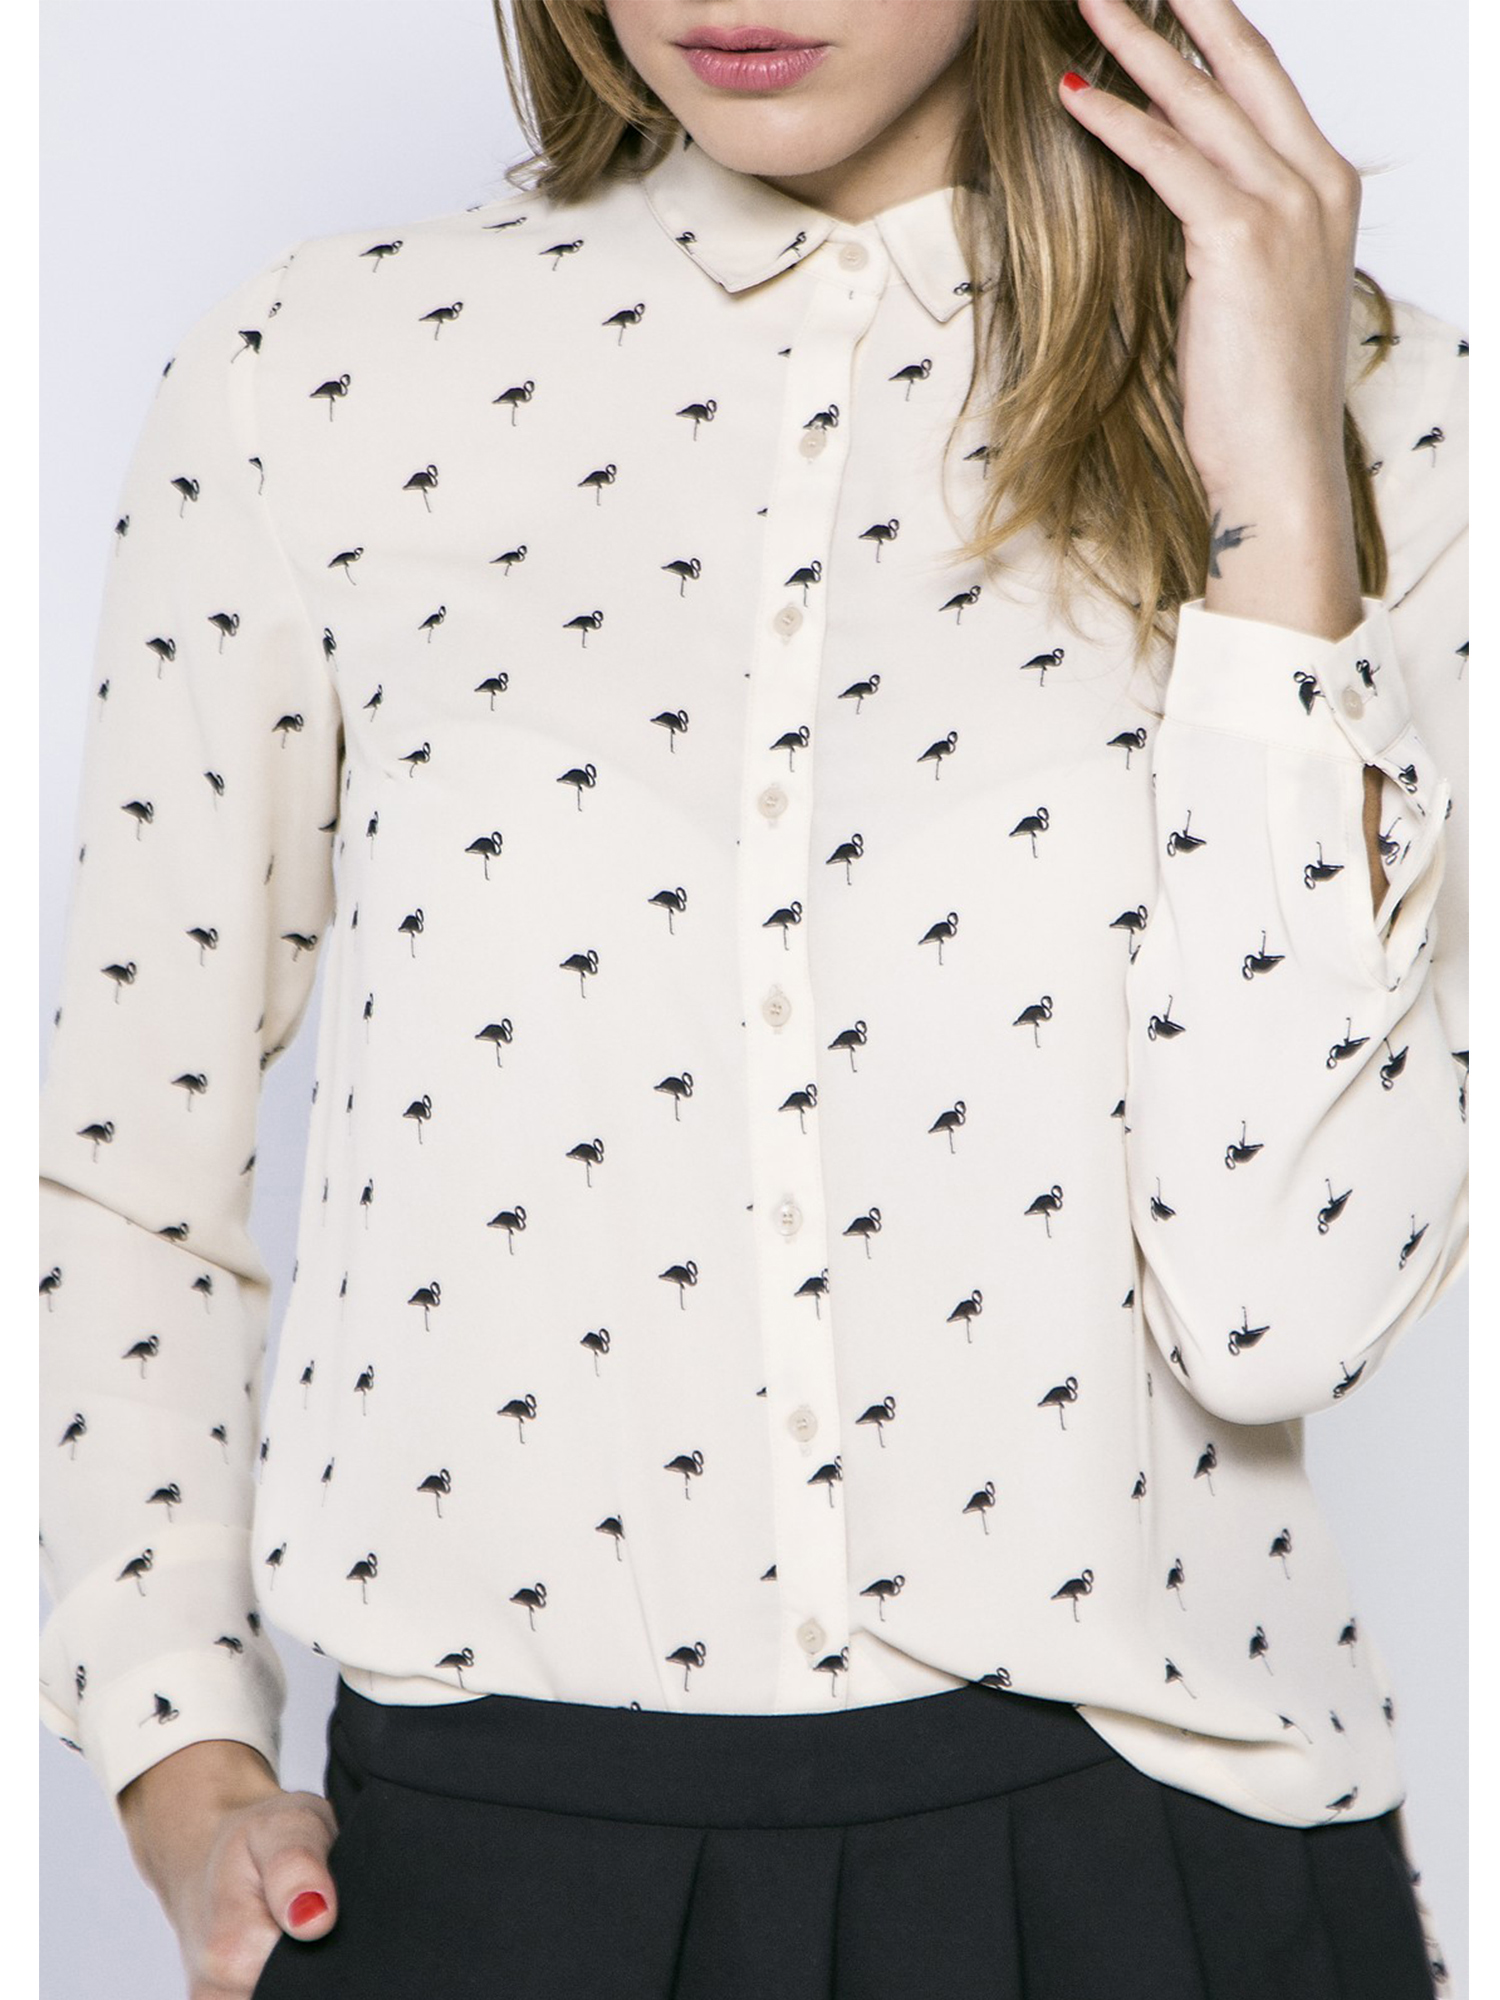 Je veux trouver une belle chemise femme et agréable à porter pas cher ICI  Chemise imprimée femme 62def5fda540